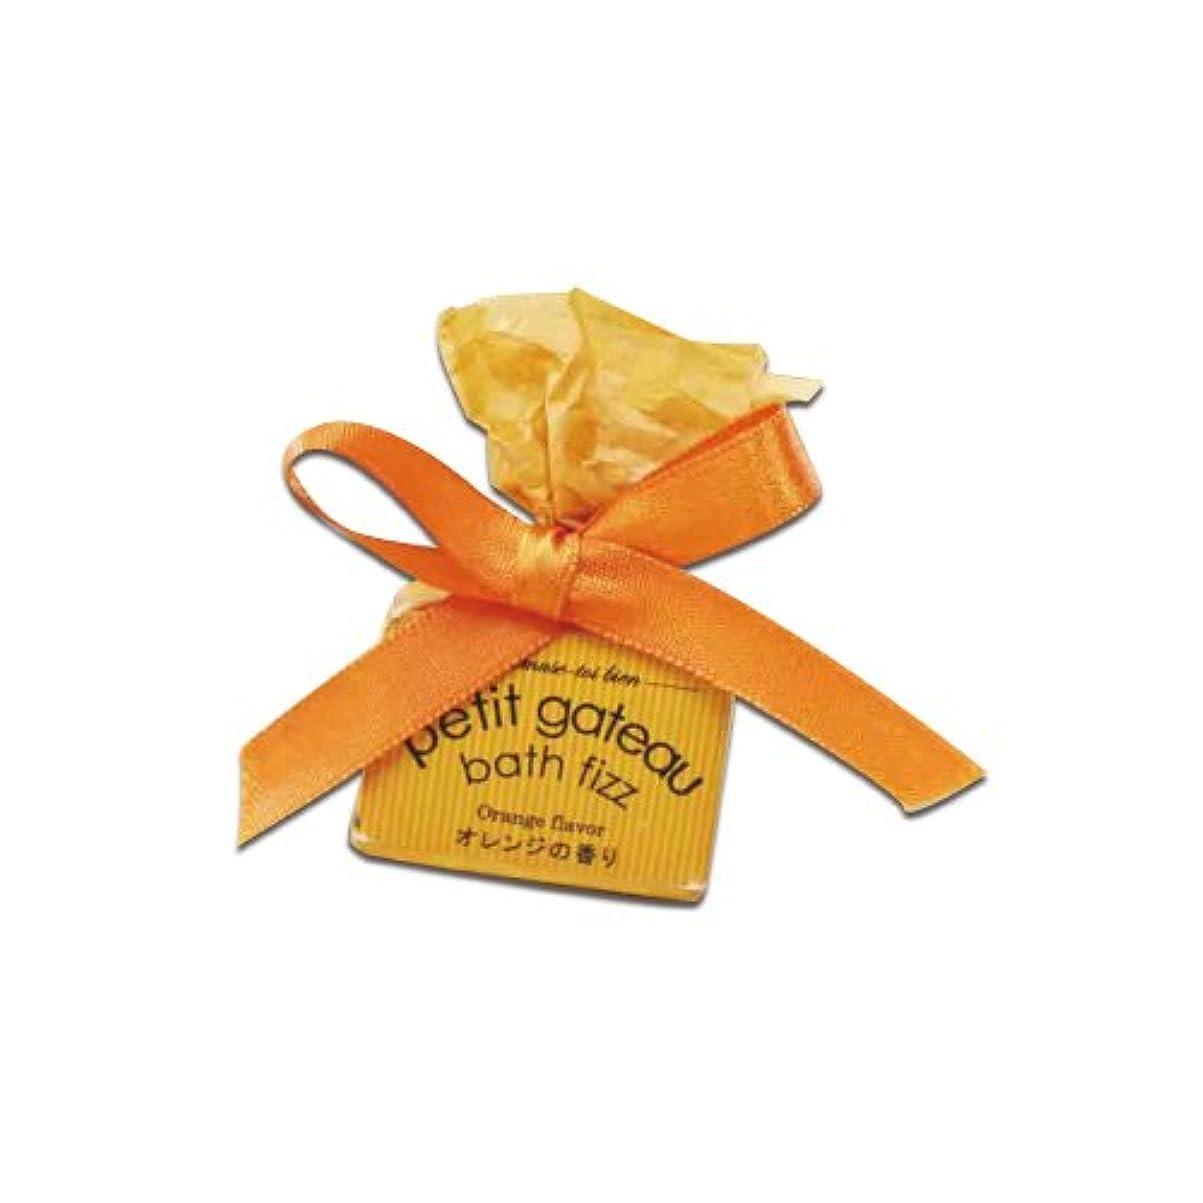 意志息子イタリックプチガトーバスフィザー オレンジの香り 12個セット